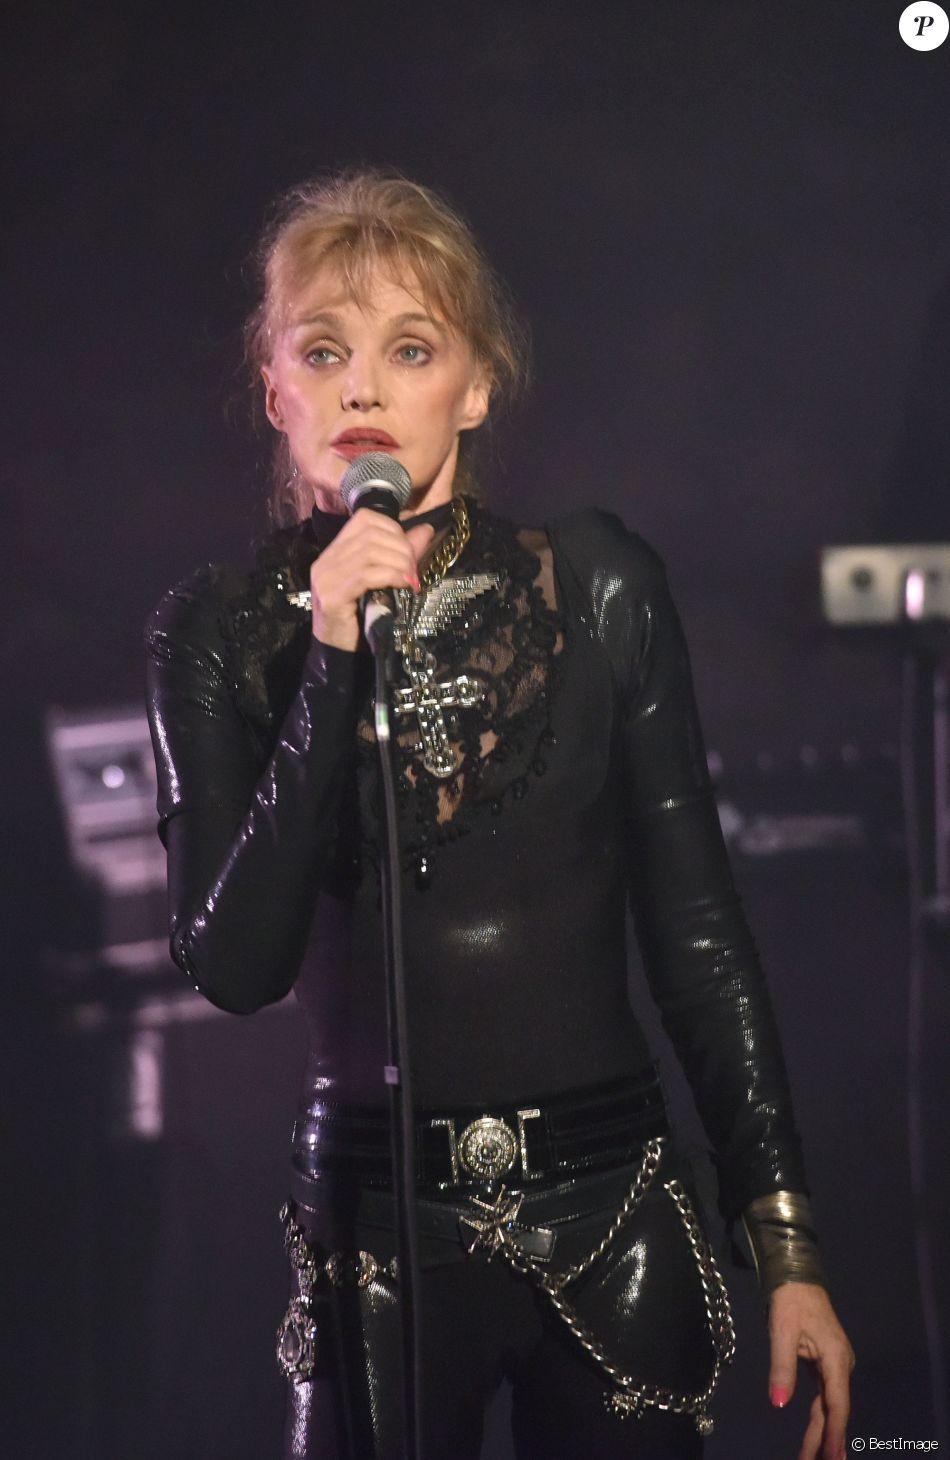 Semi-Exclusif - Arielle Dombasle en concert au Café de la Danse à Paris, le 16 décembre 2016. © Giancarlo Gorassini/Bestimage